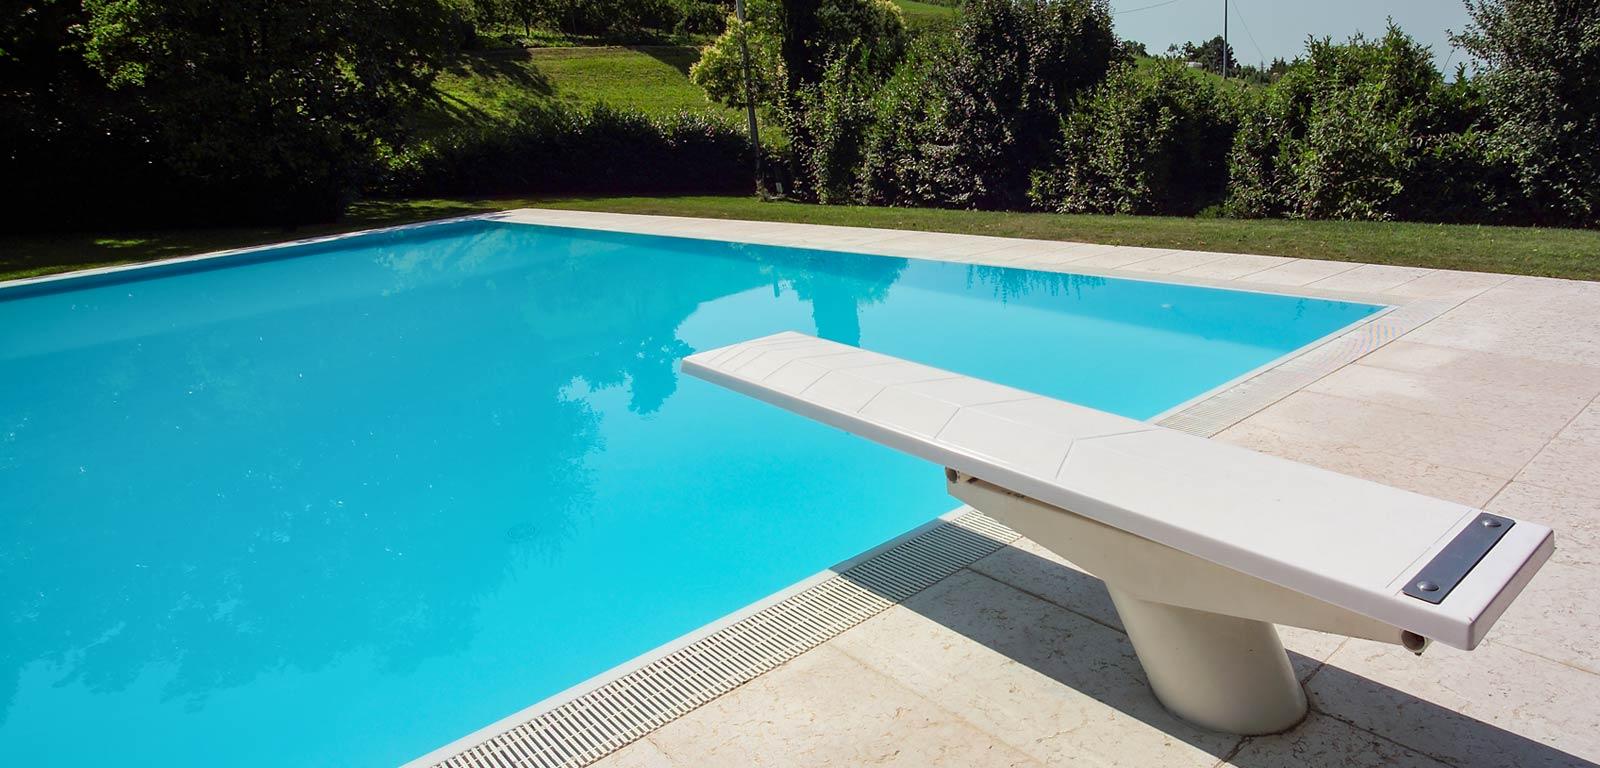 Trampolino piscina piscine castiglione - Piscina con palline per adulti ...